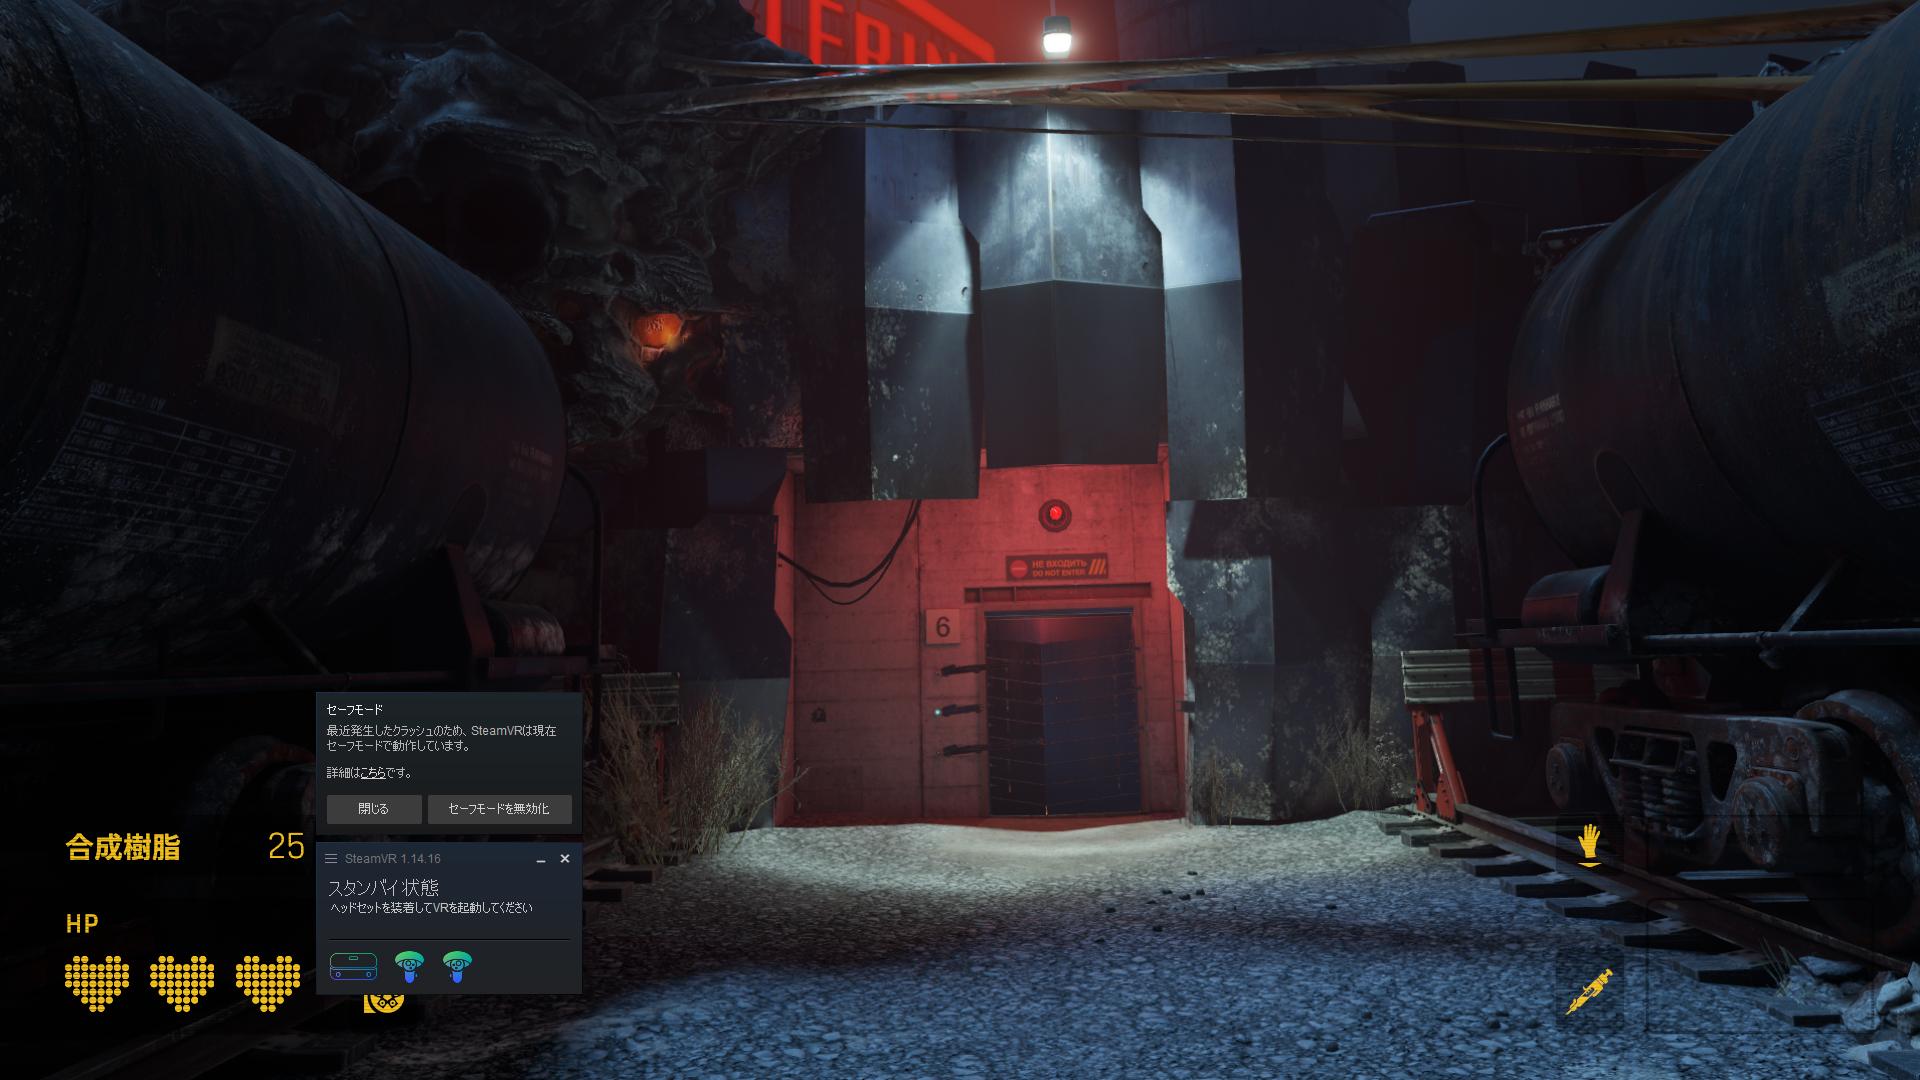 【Half-Life Alyx】引っかかりそうな難しいポイントを攻略する7